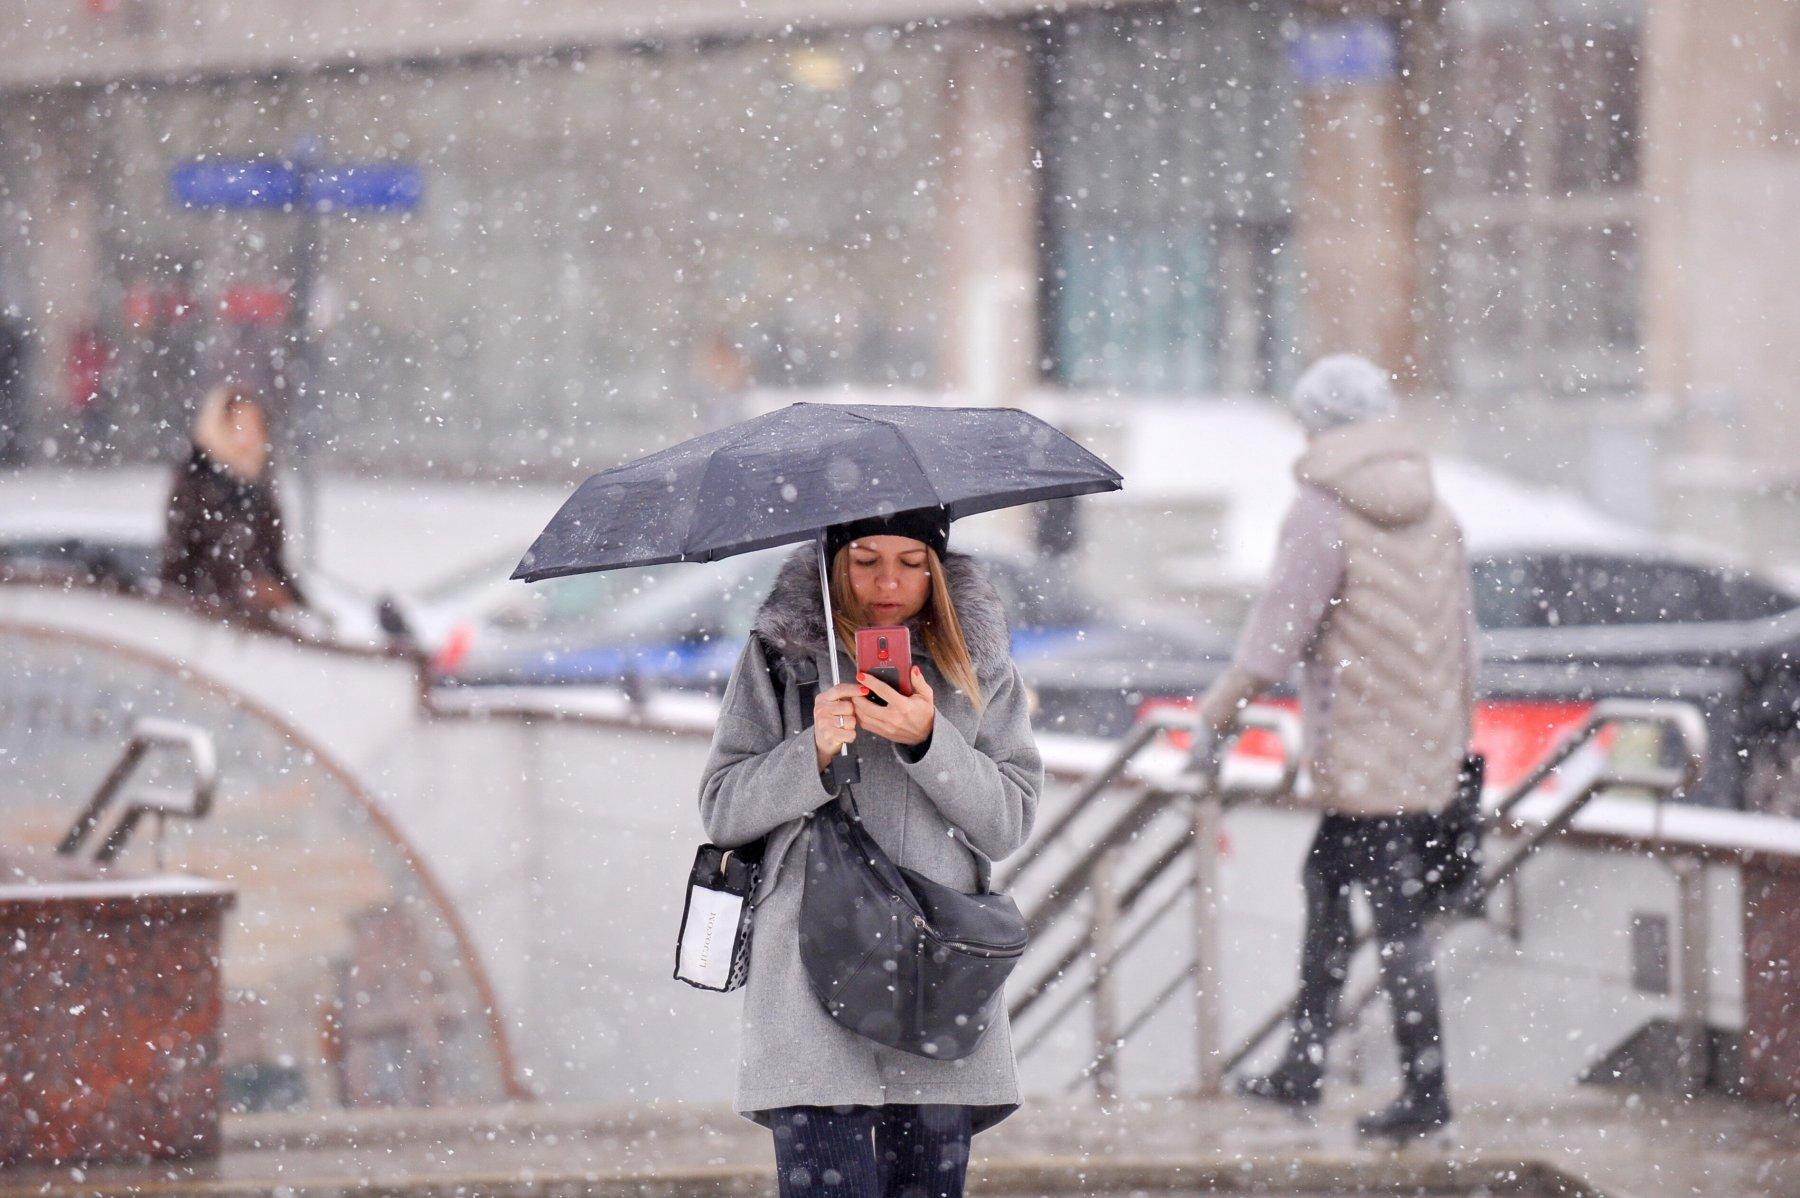 ГИБДД столицы рекомендует воздержаться от поездок в связи с метелью